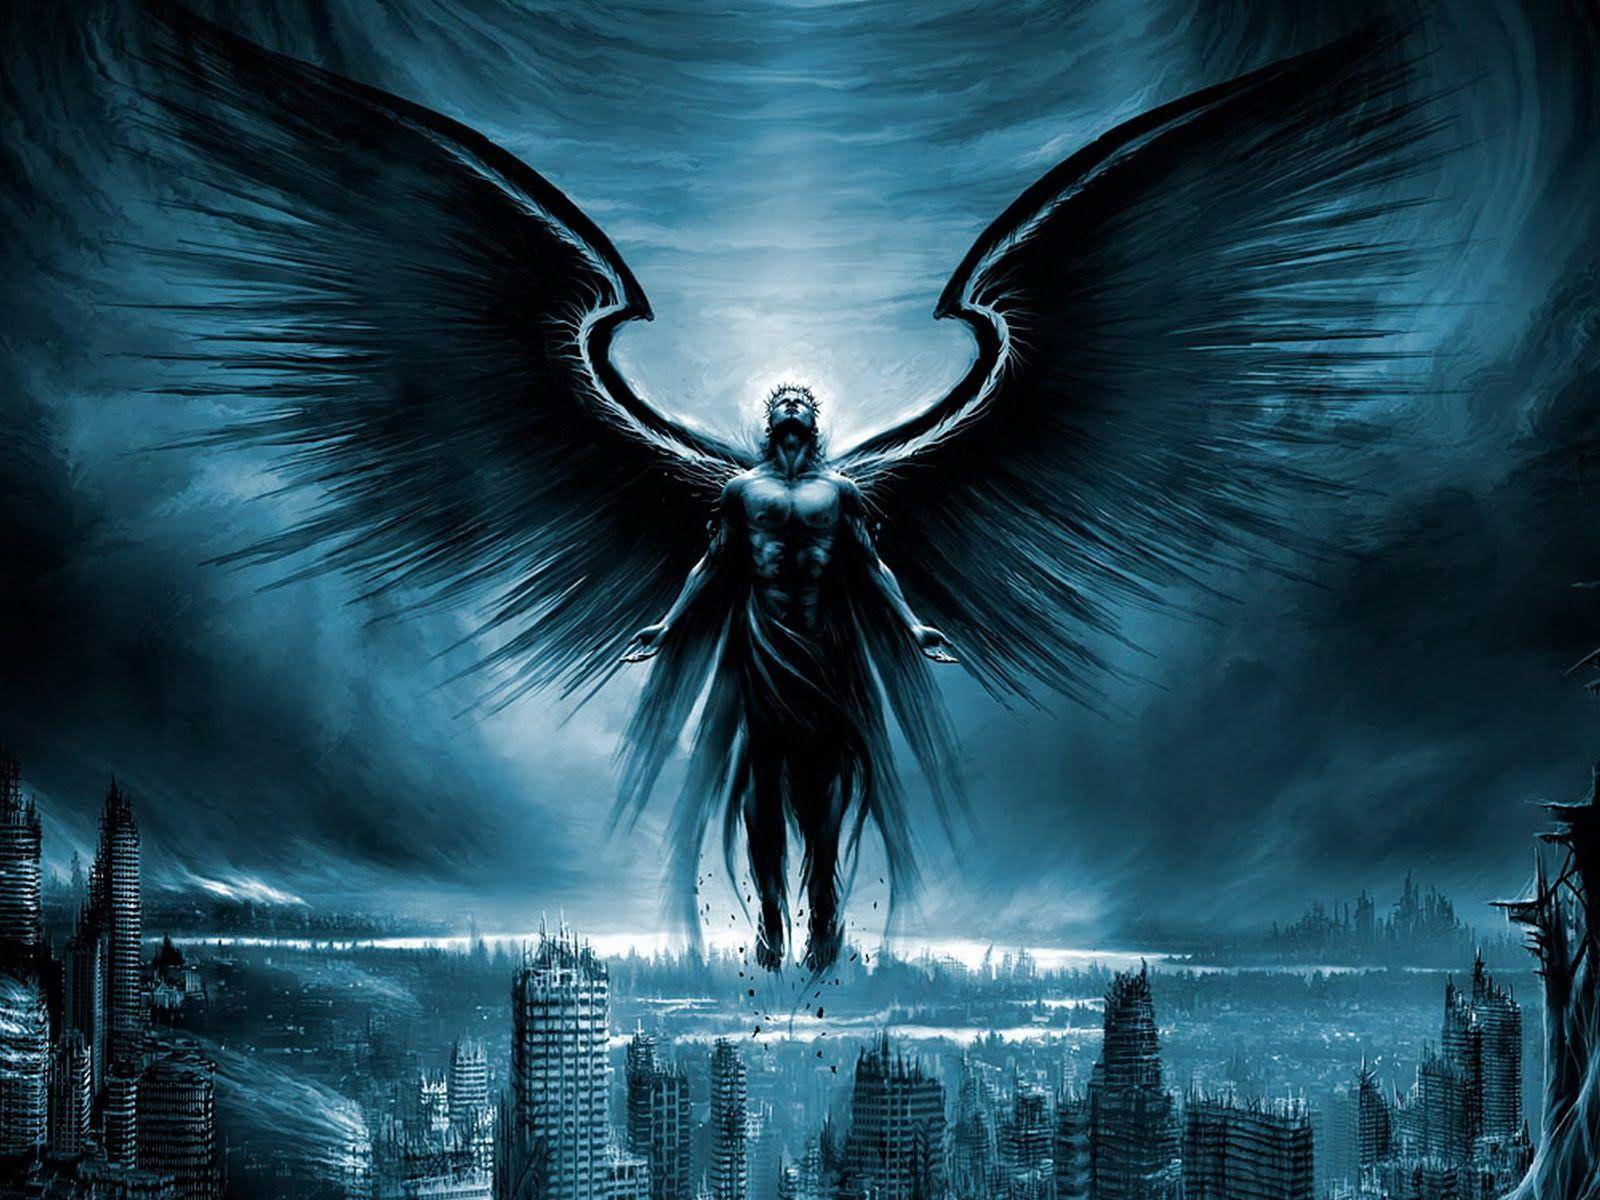 wallpaper hd angeles y demonios   Buscar con Google Mitologa 1600x1200